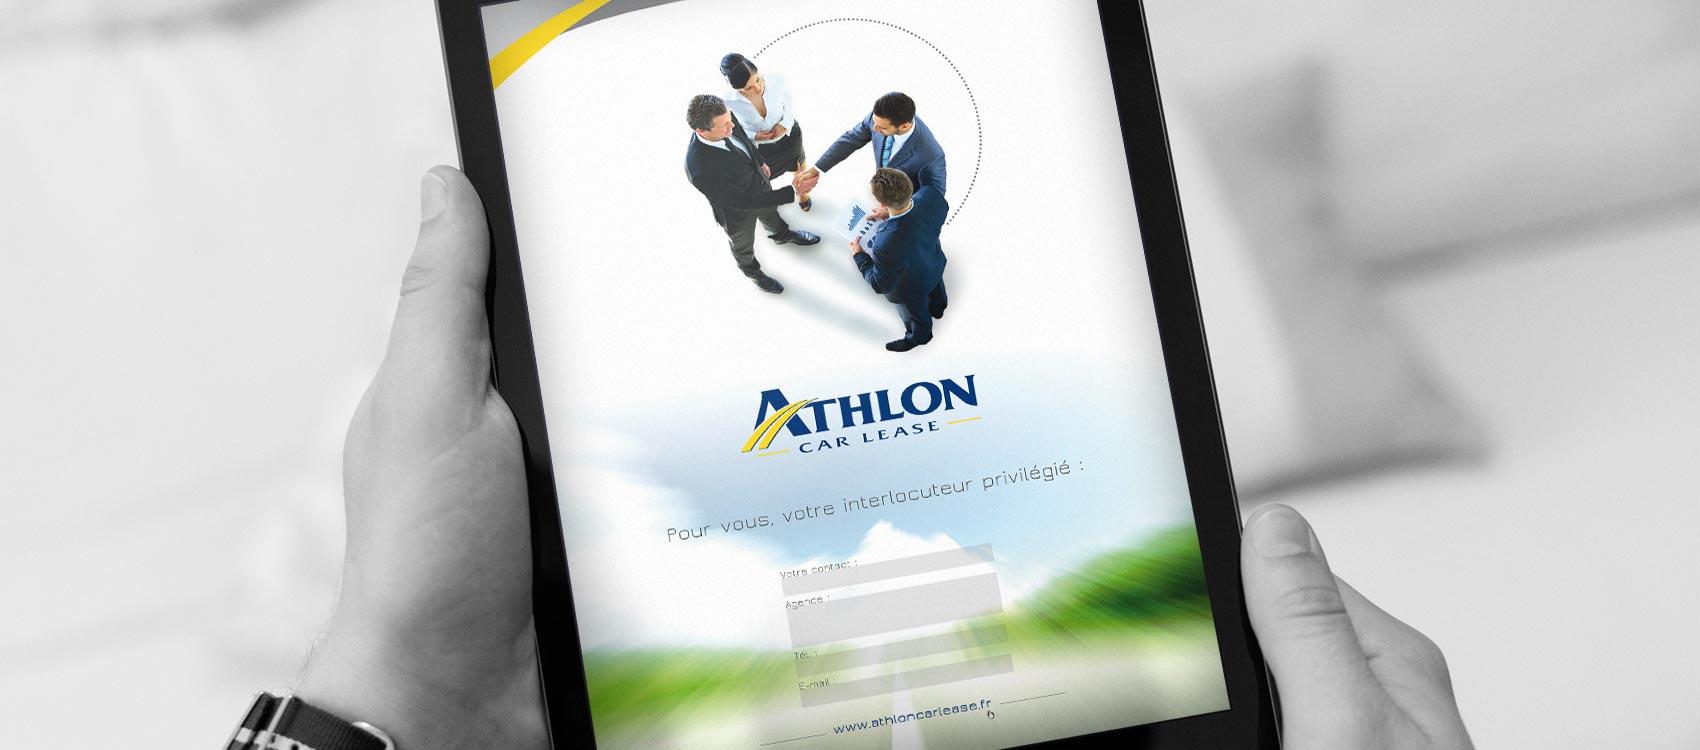 Athlon Car Lease presentation